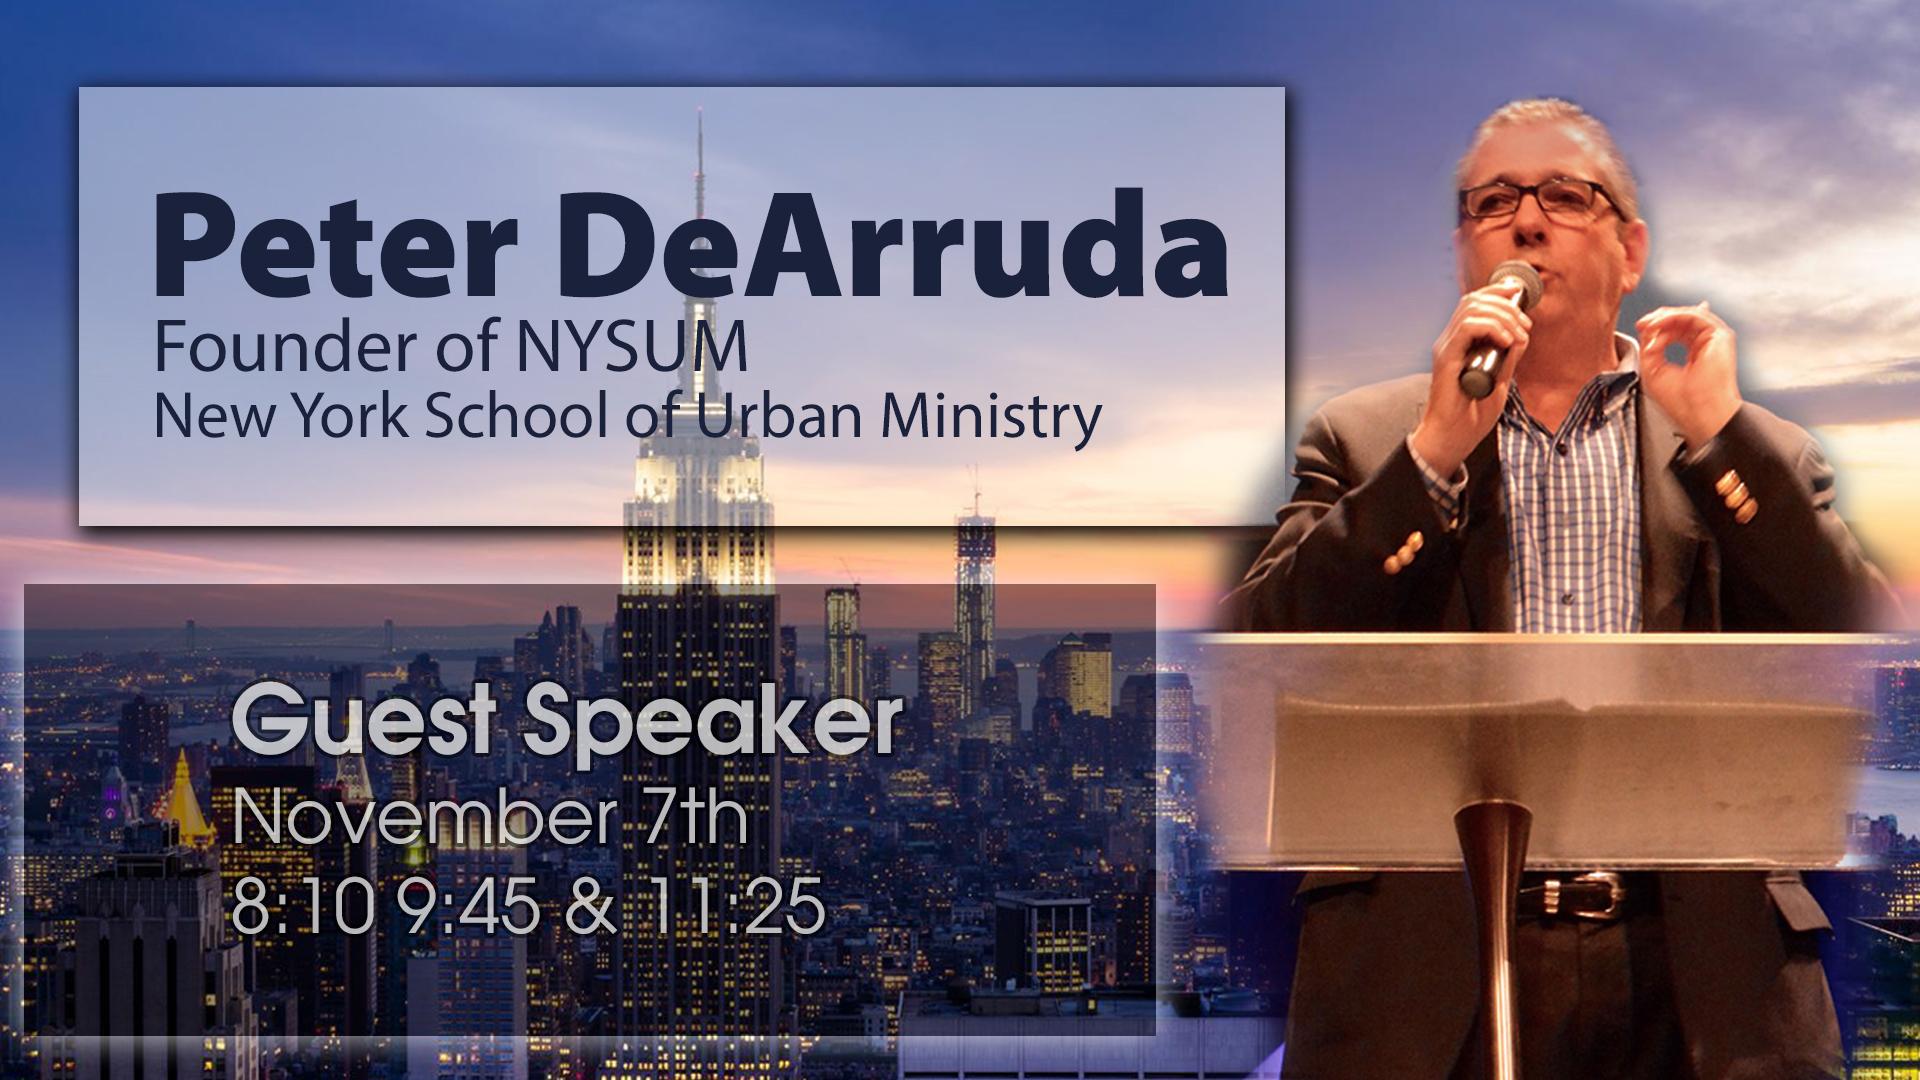 Peter DeArruda Guest Speaker